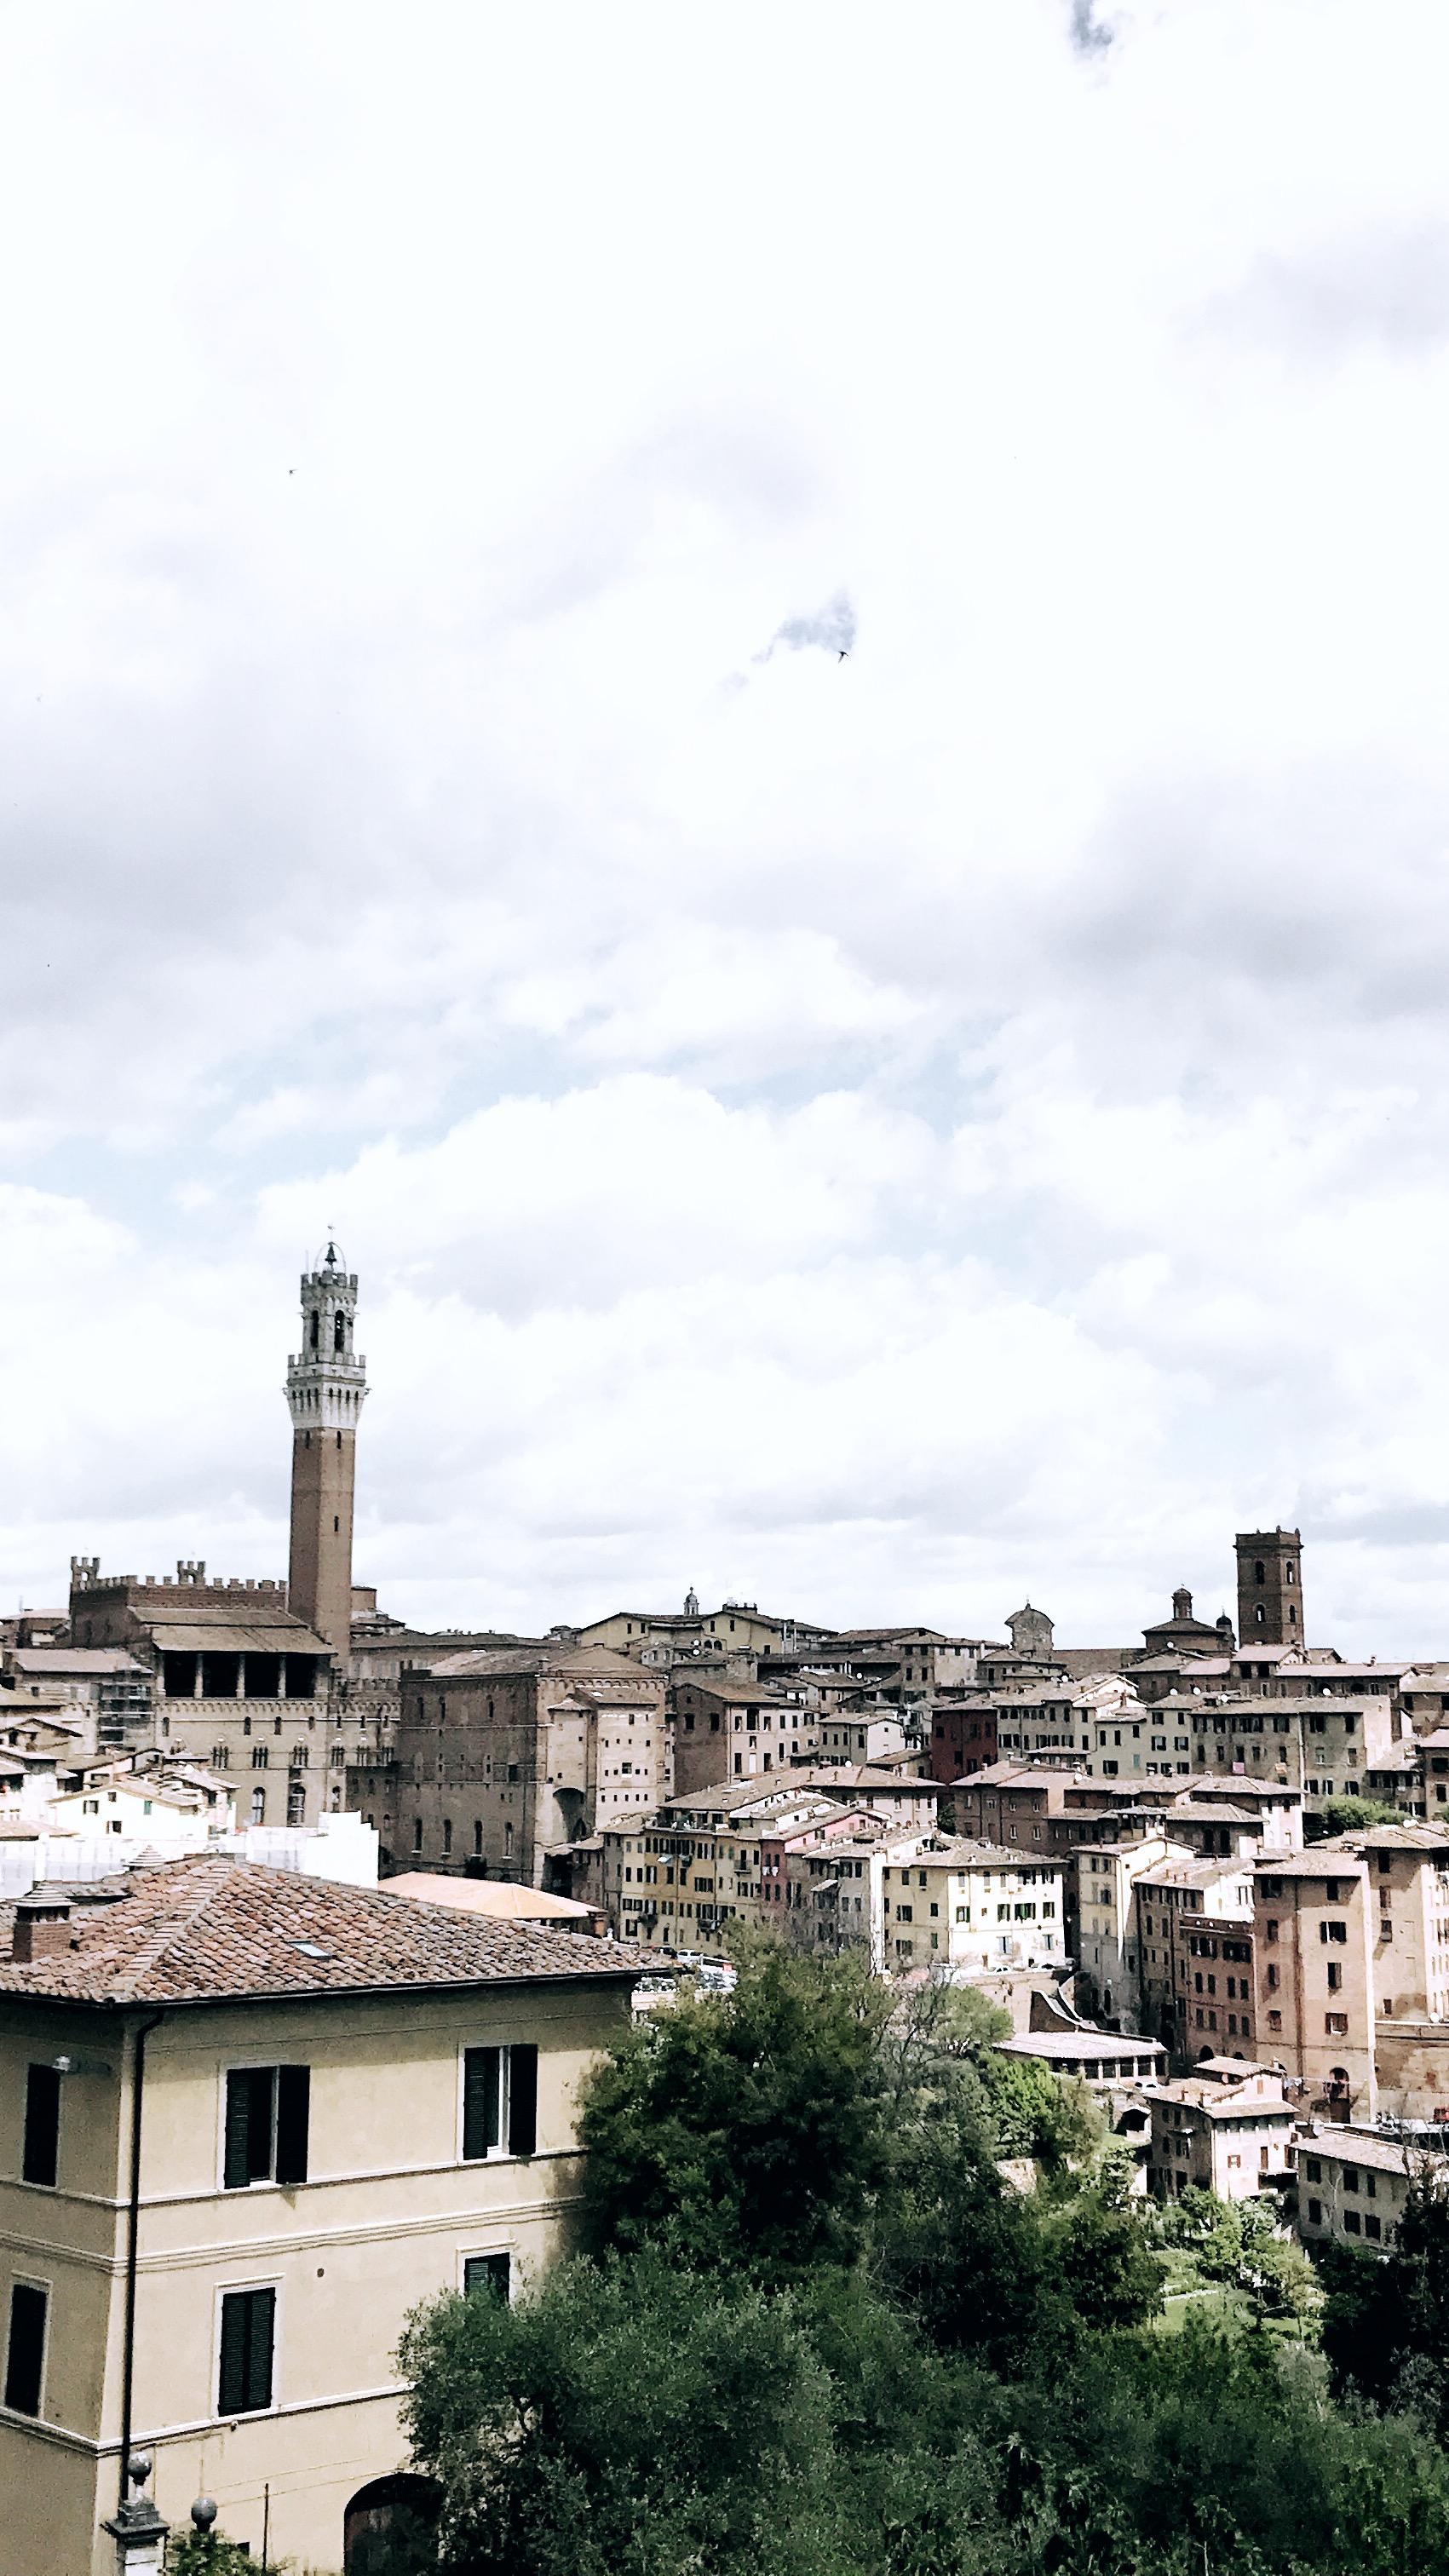 Panoramic views of Siena, Italy